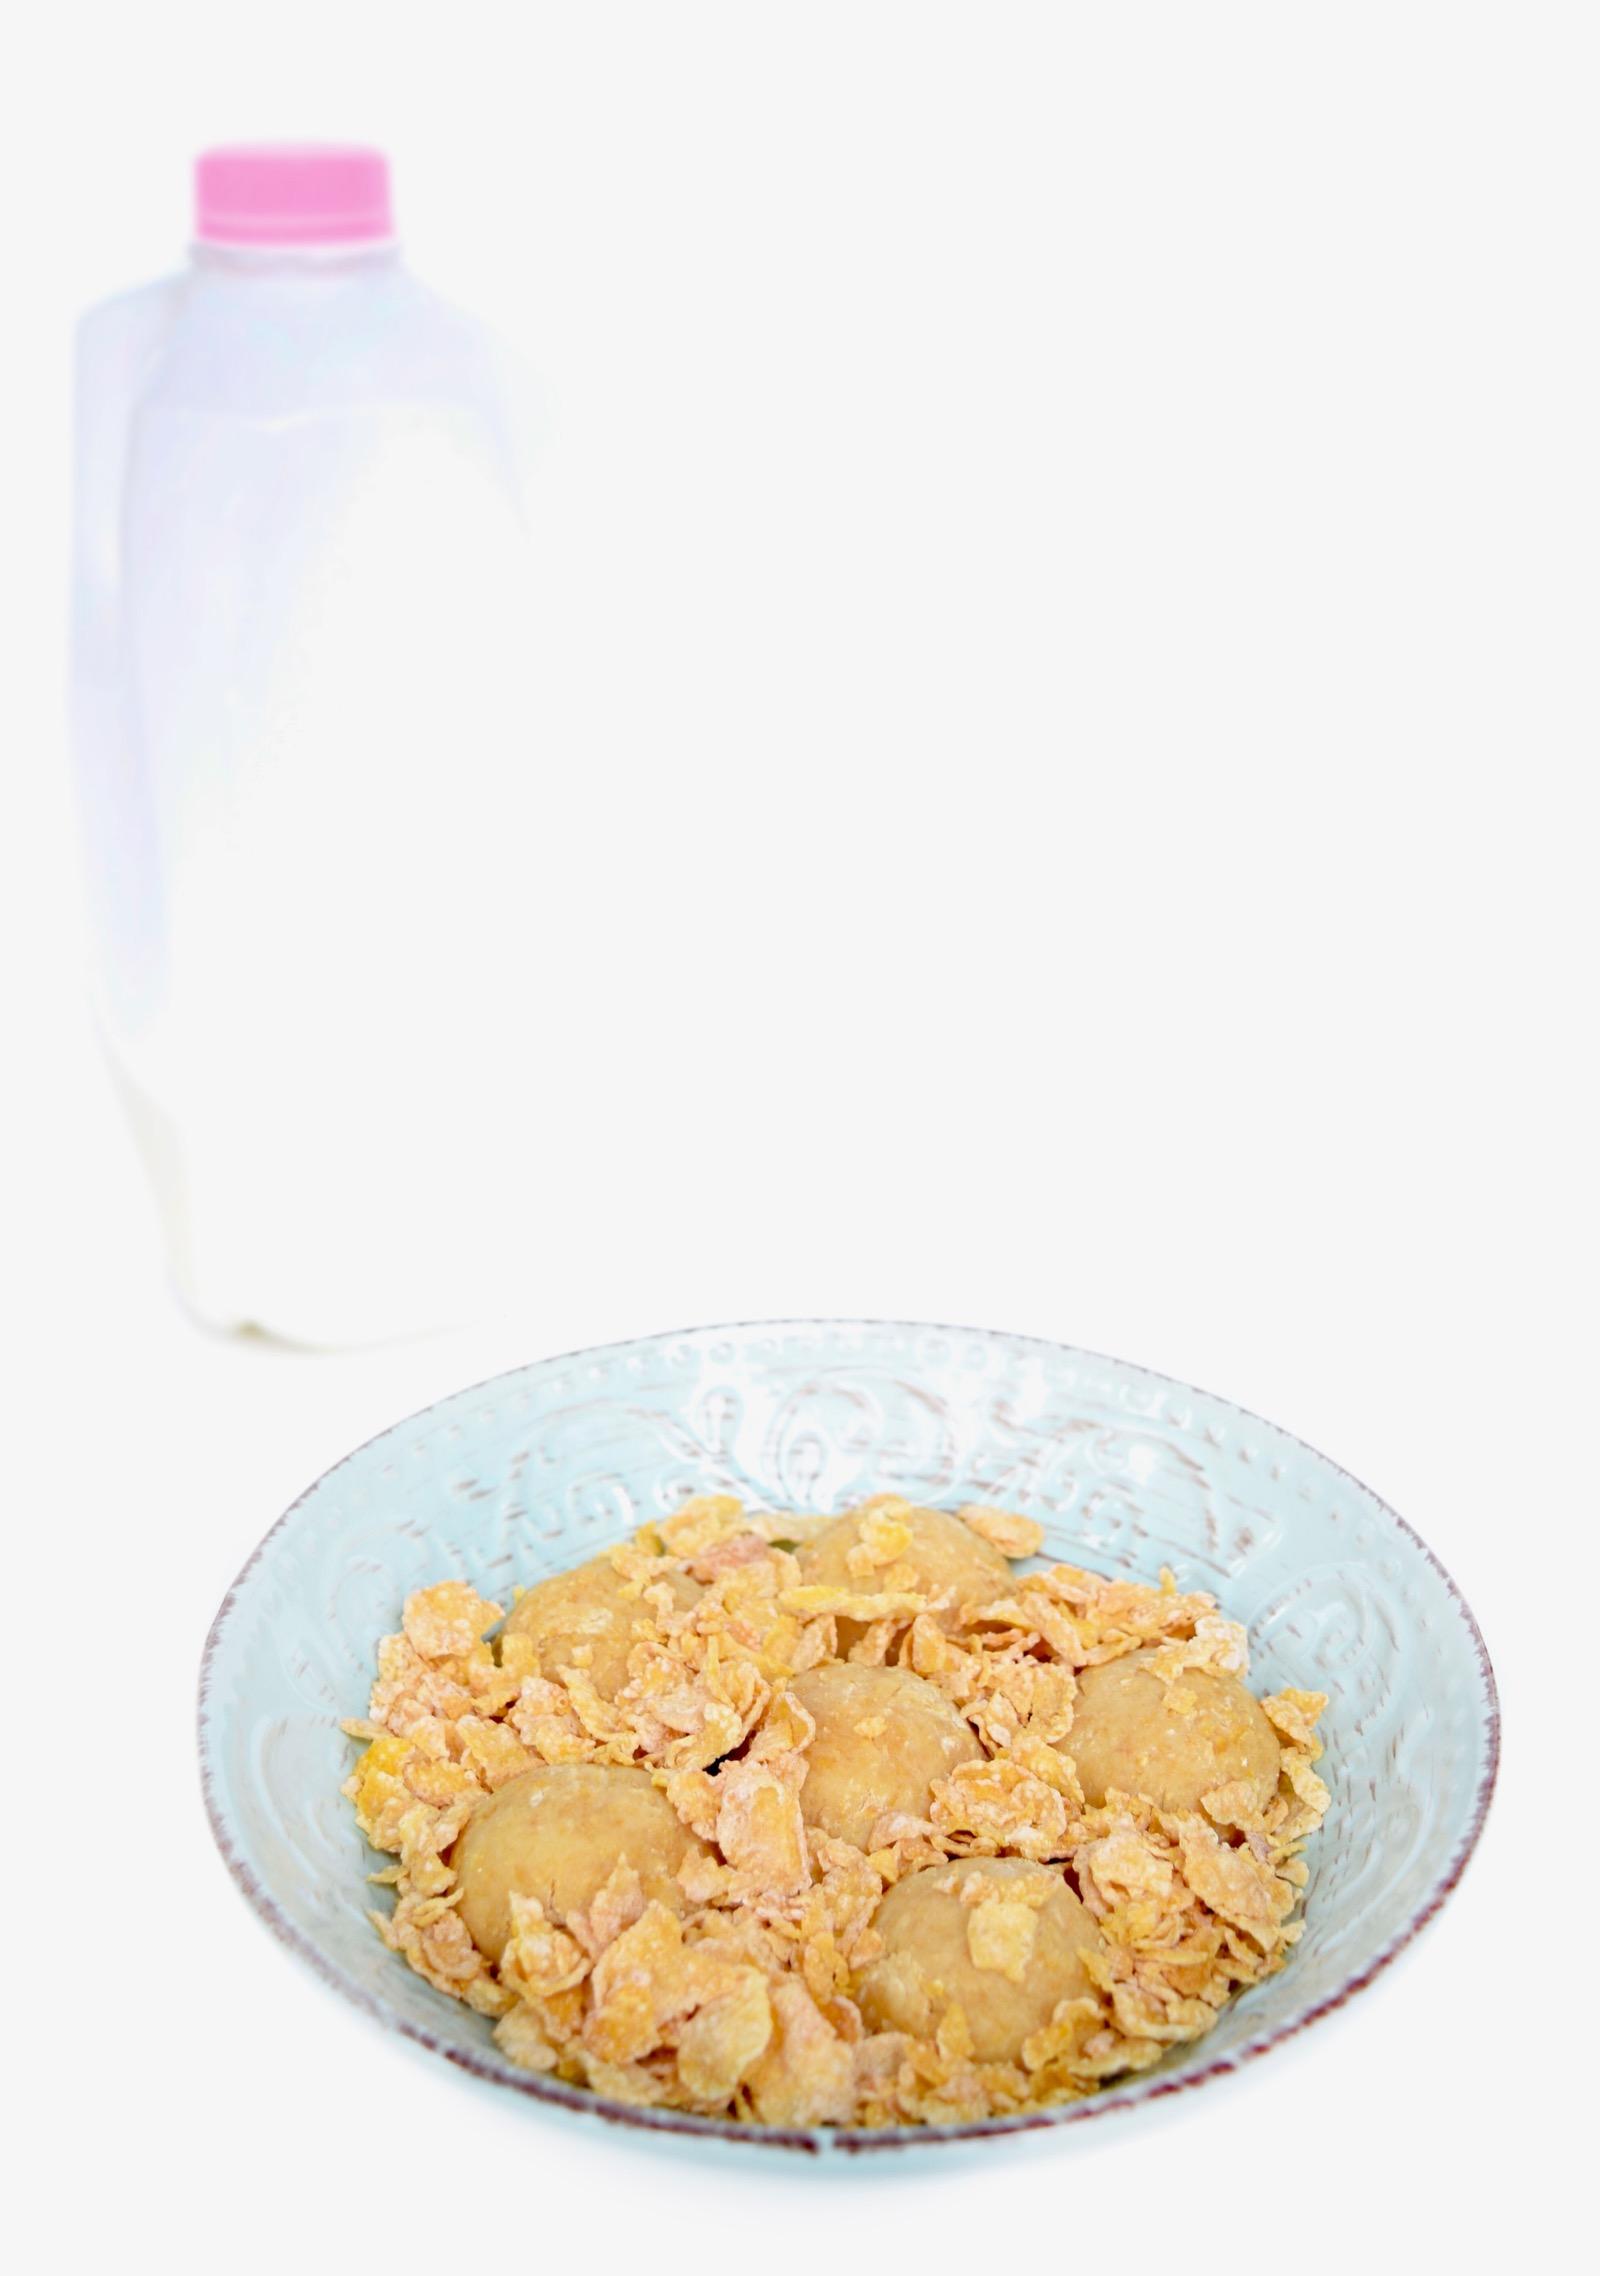 Cereal Milk Bites Recipe